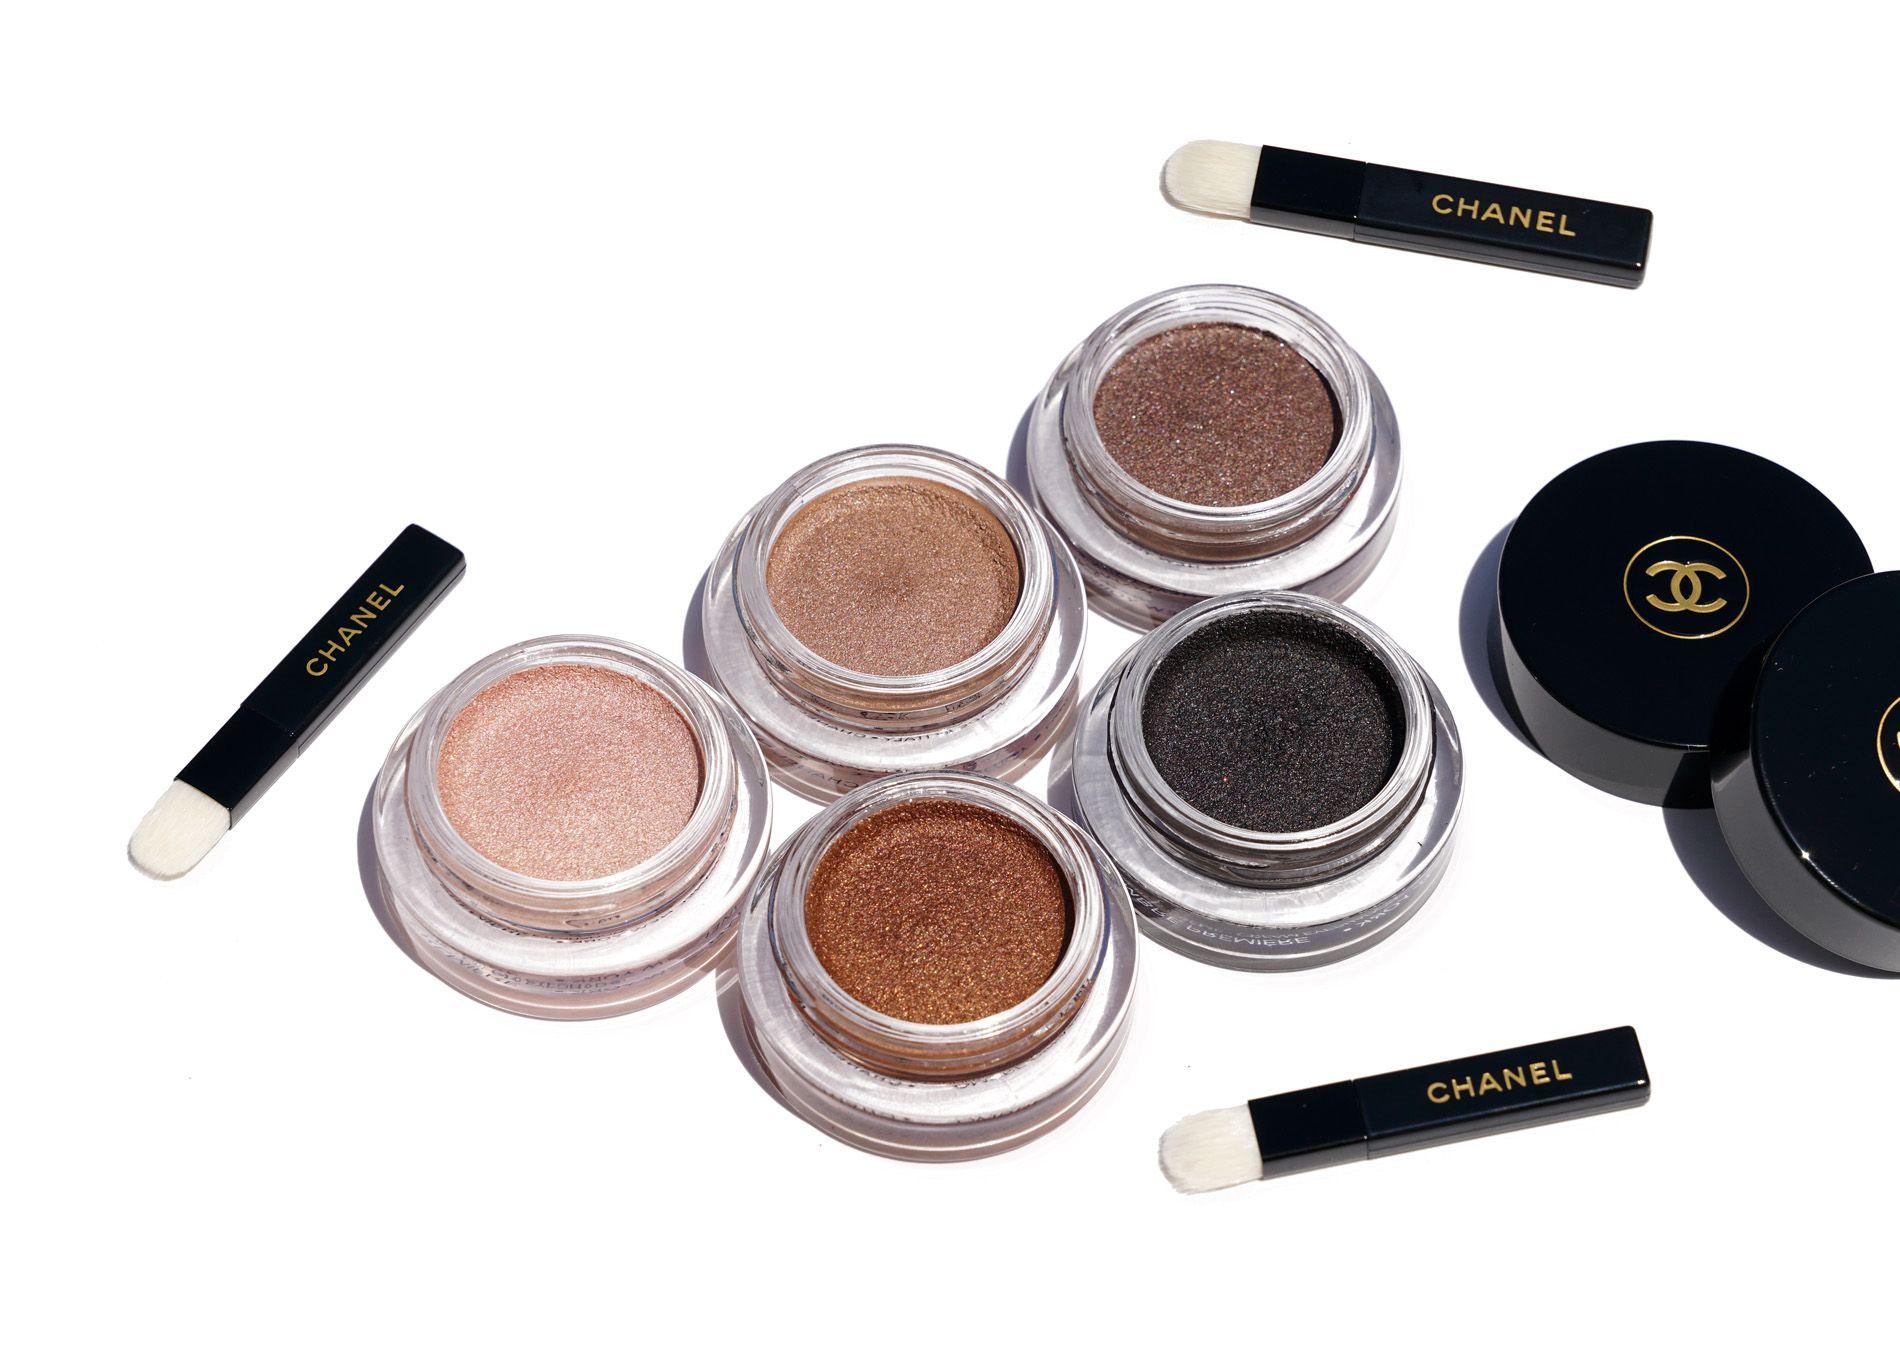 Chanel Ombre Premiere Longwear Cream Eyeshadow The